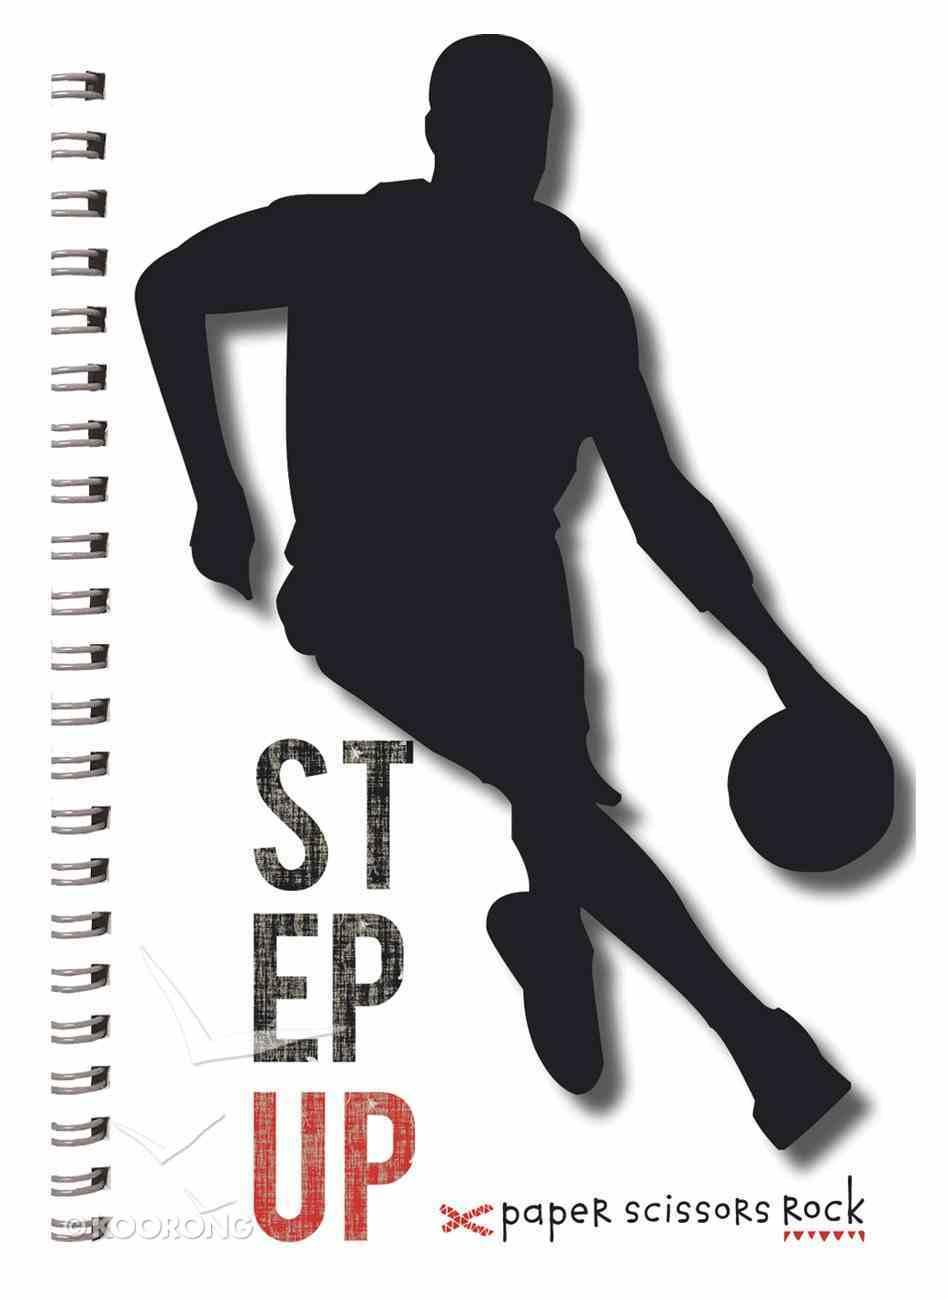 Teen Boys A6 Spiral Notepads: Step Up Spiral